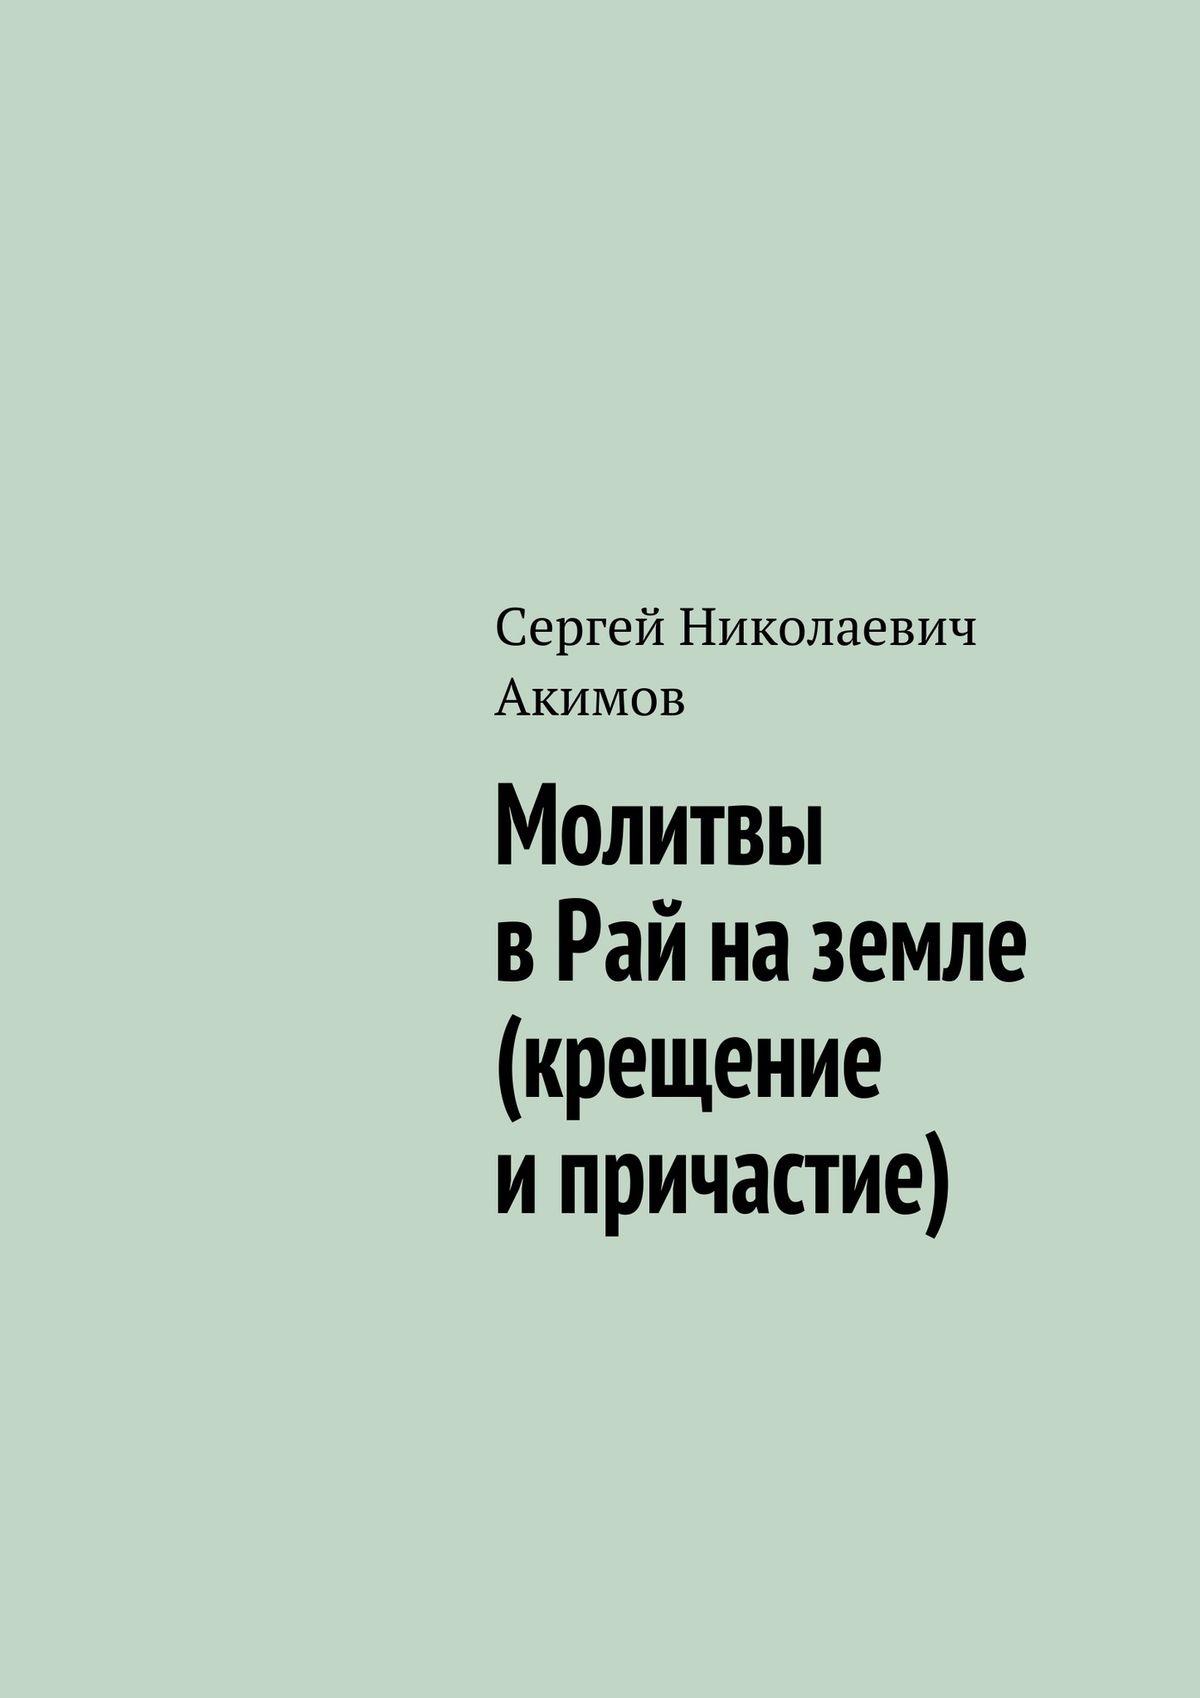 Сергей Акимов Молитвы в рай на земле (крещение и причастие) цены